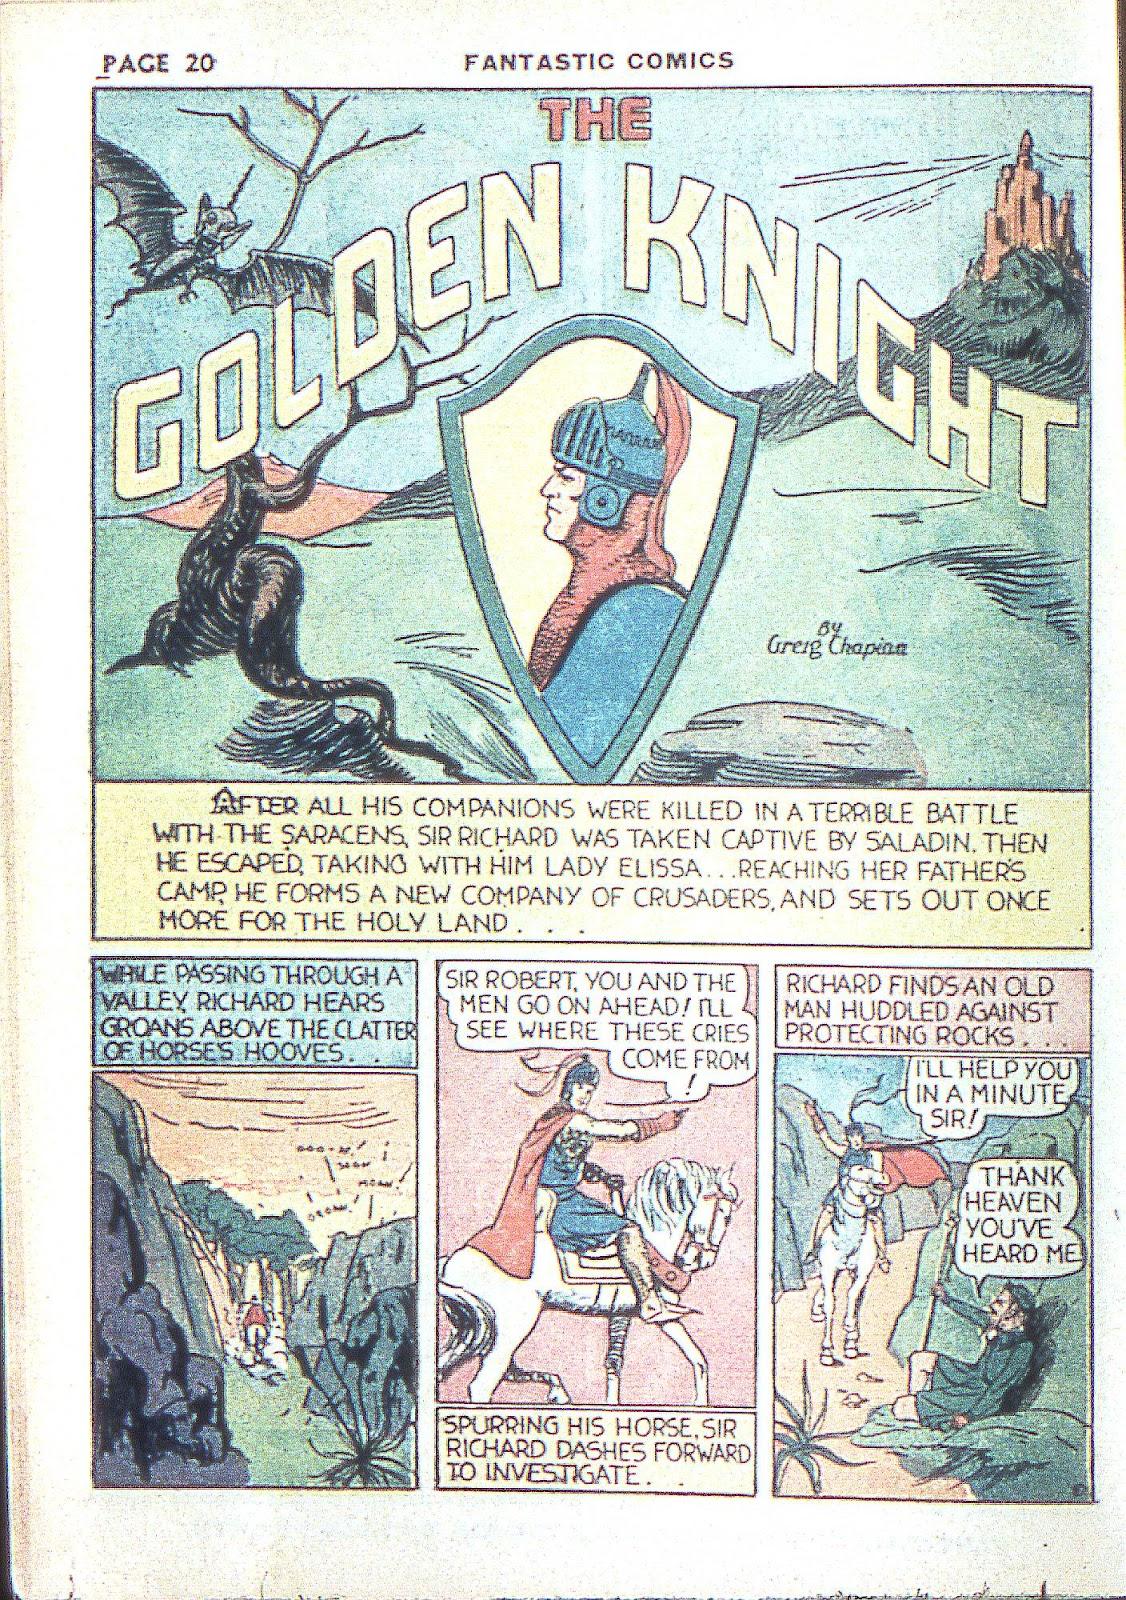 Read online Fantastic Comics comic -  Issue #3 - 23